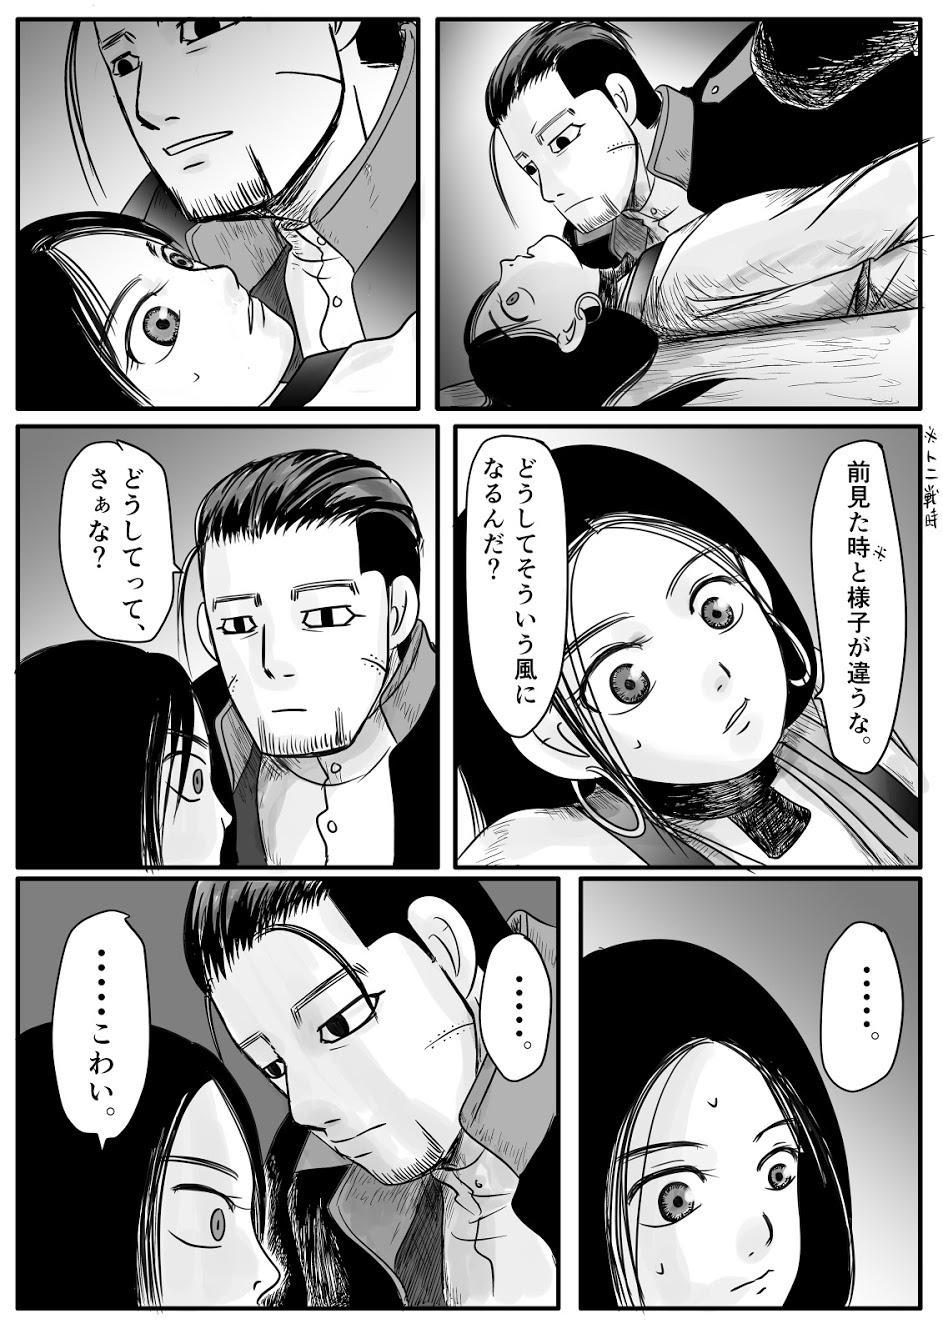 Toko no Koto 50